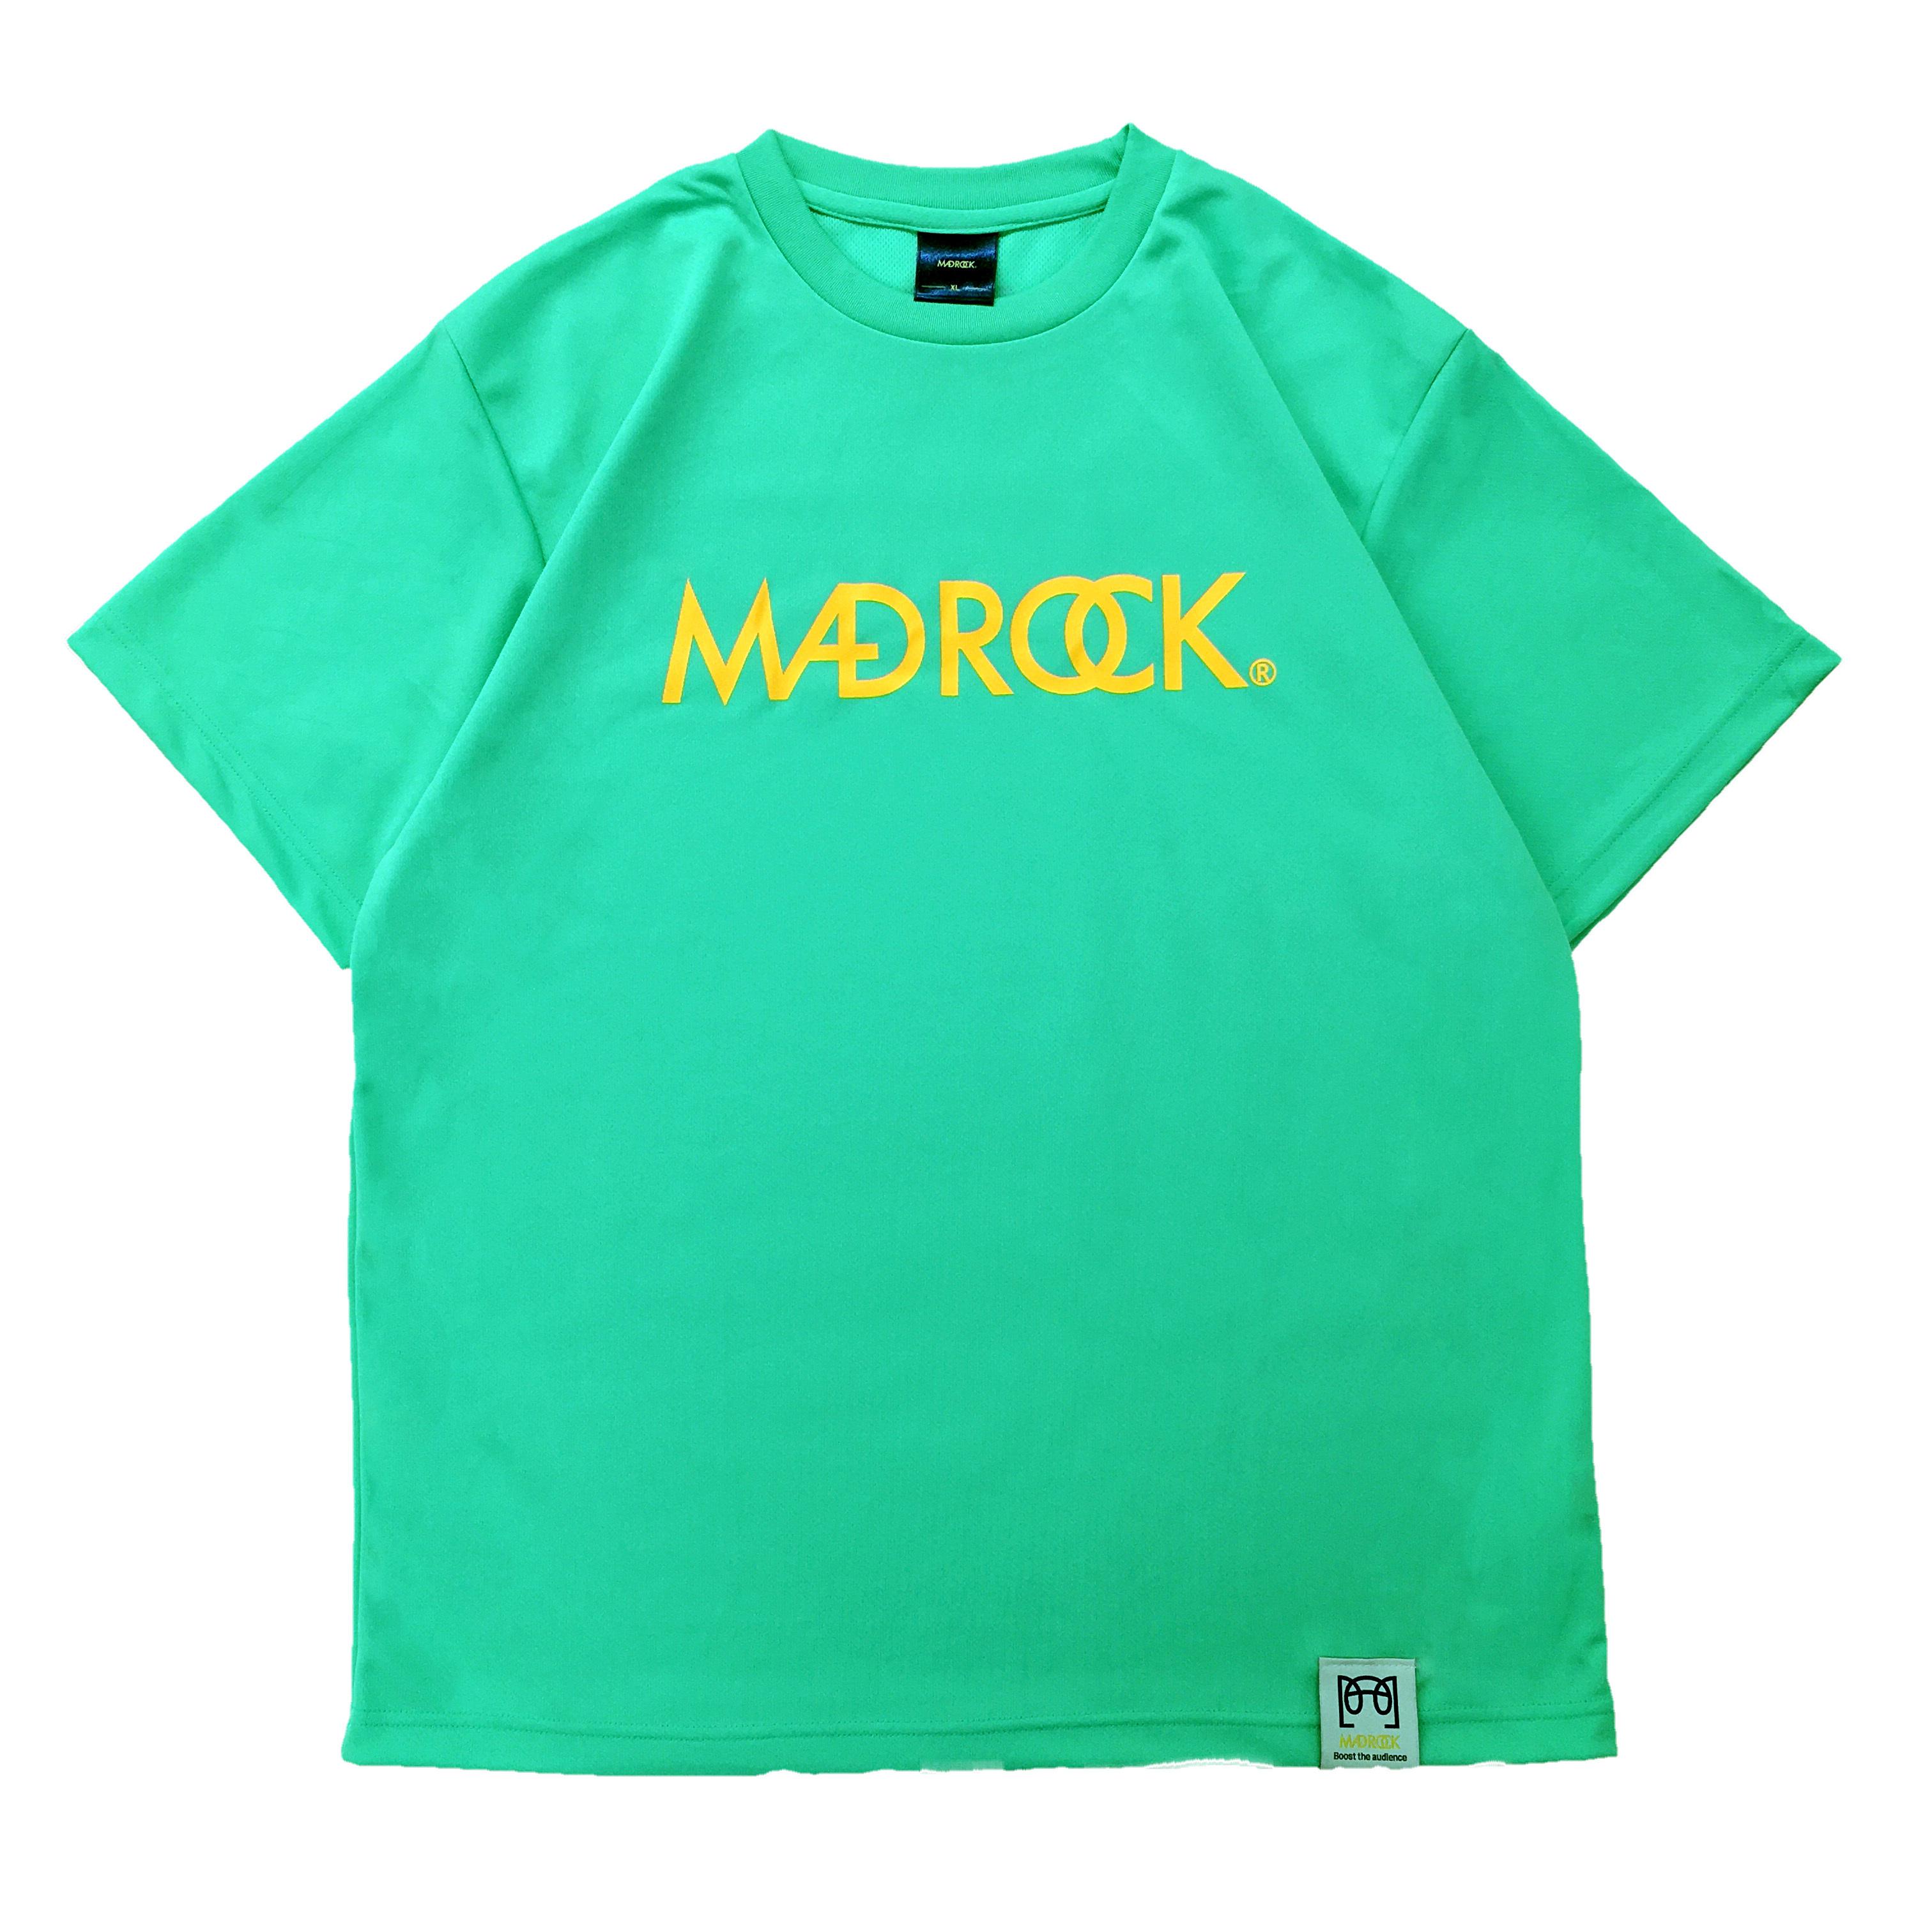 【新作/オンラインストア限定】マッドロックロゴ Tシャツ / ドライタイプ / ミントグリーン & オレンジ